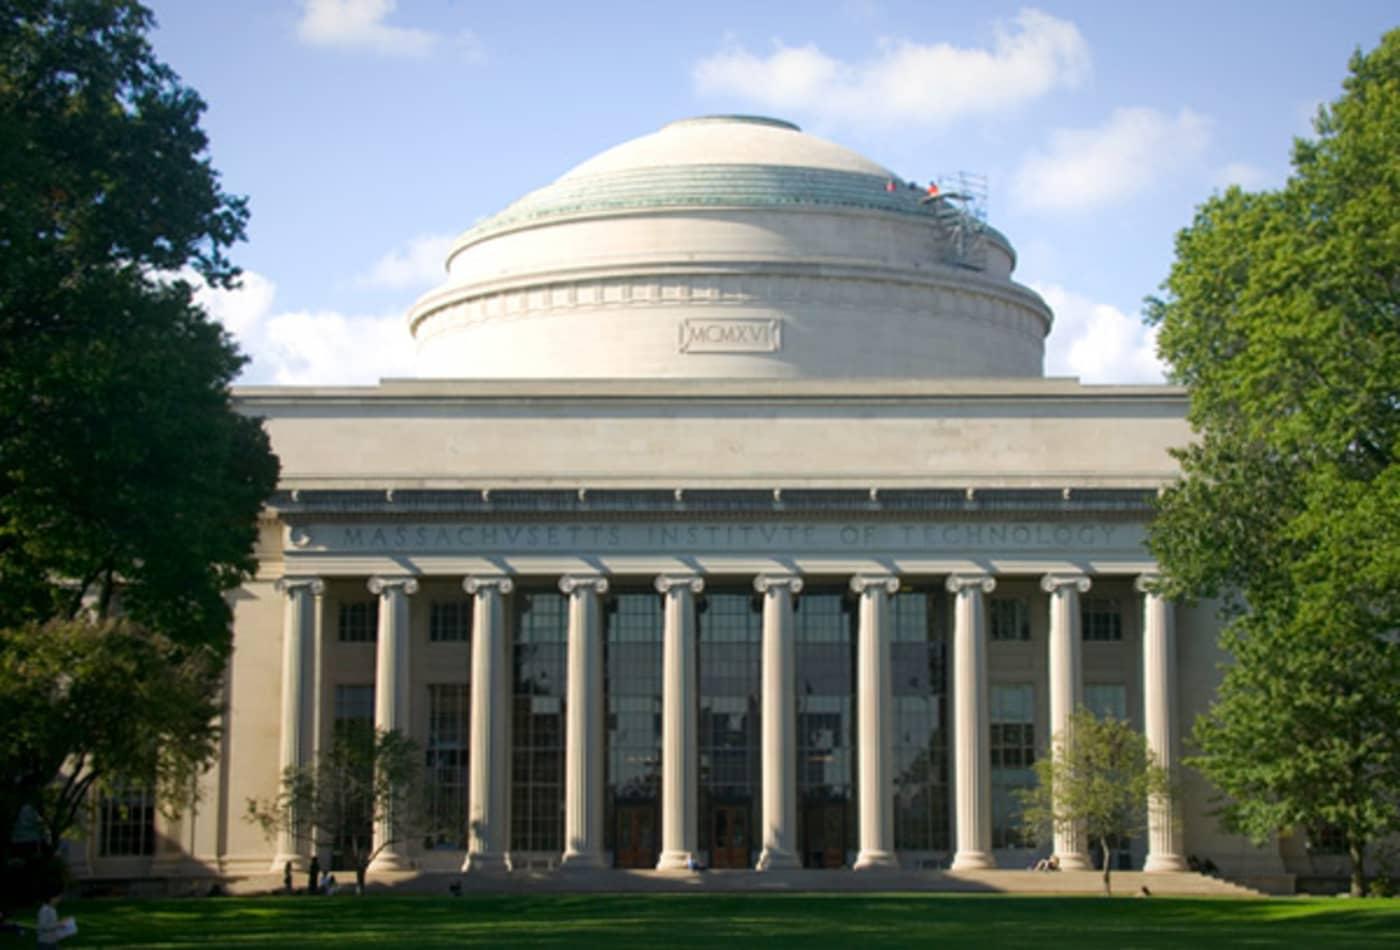 MIT-Colleges-Highest-Paychecks-2012-CNBC.jpg